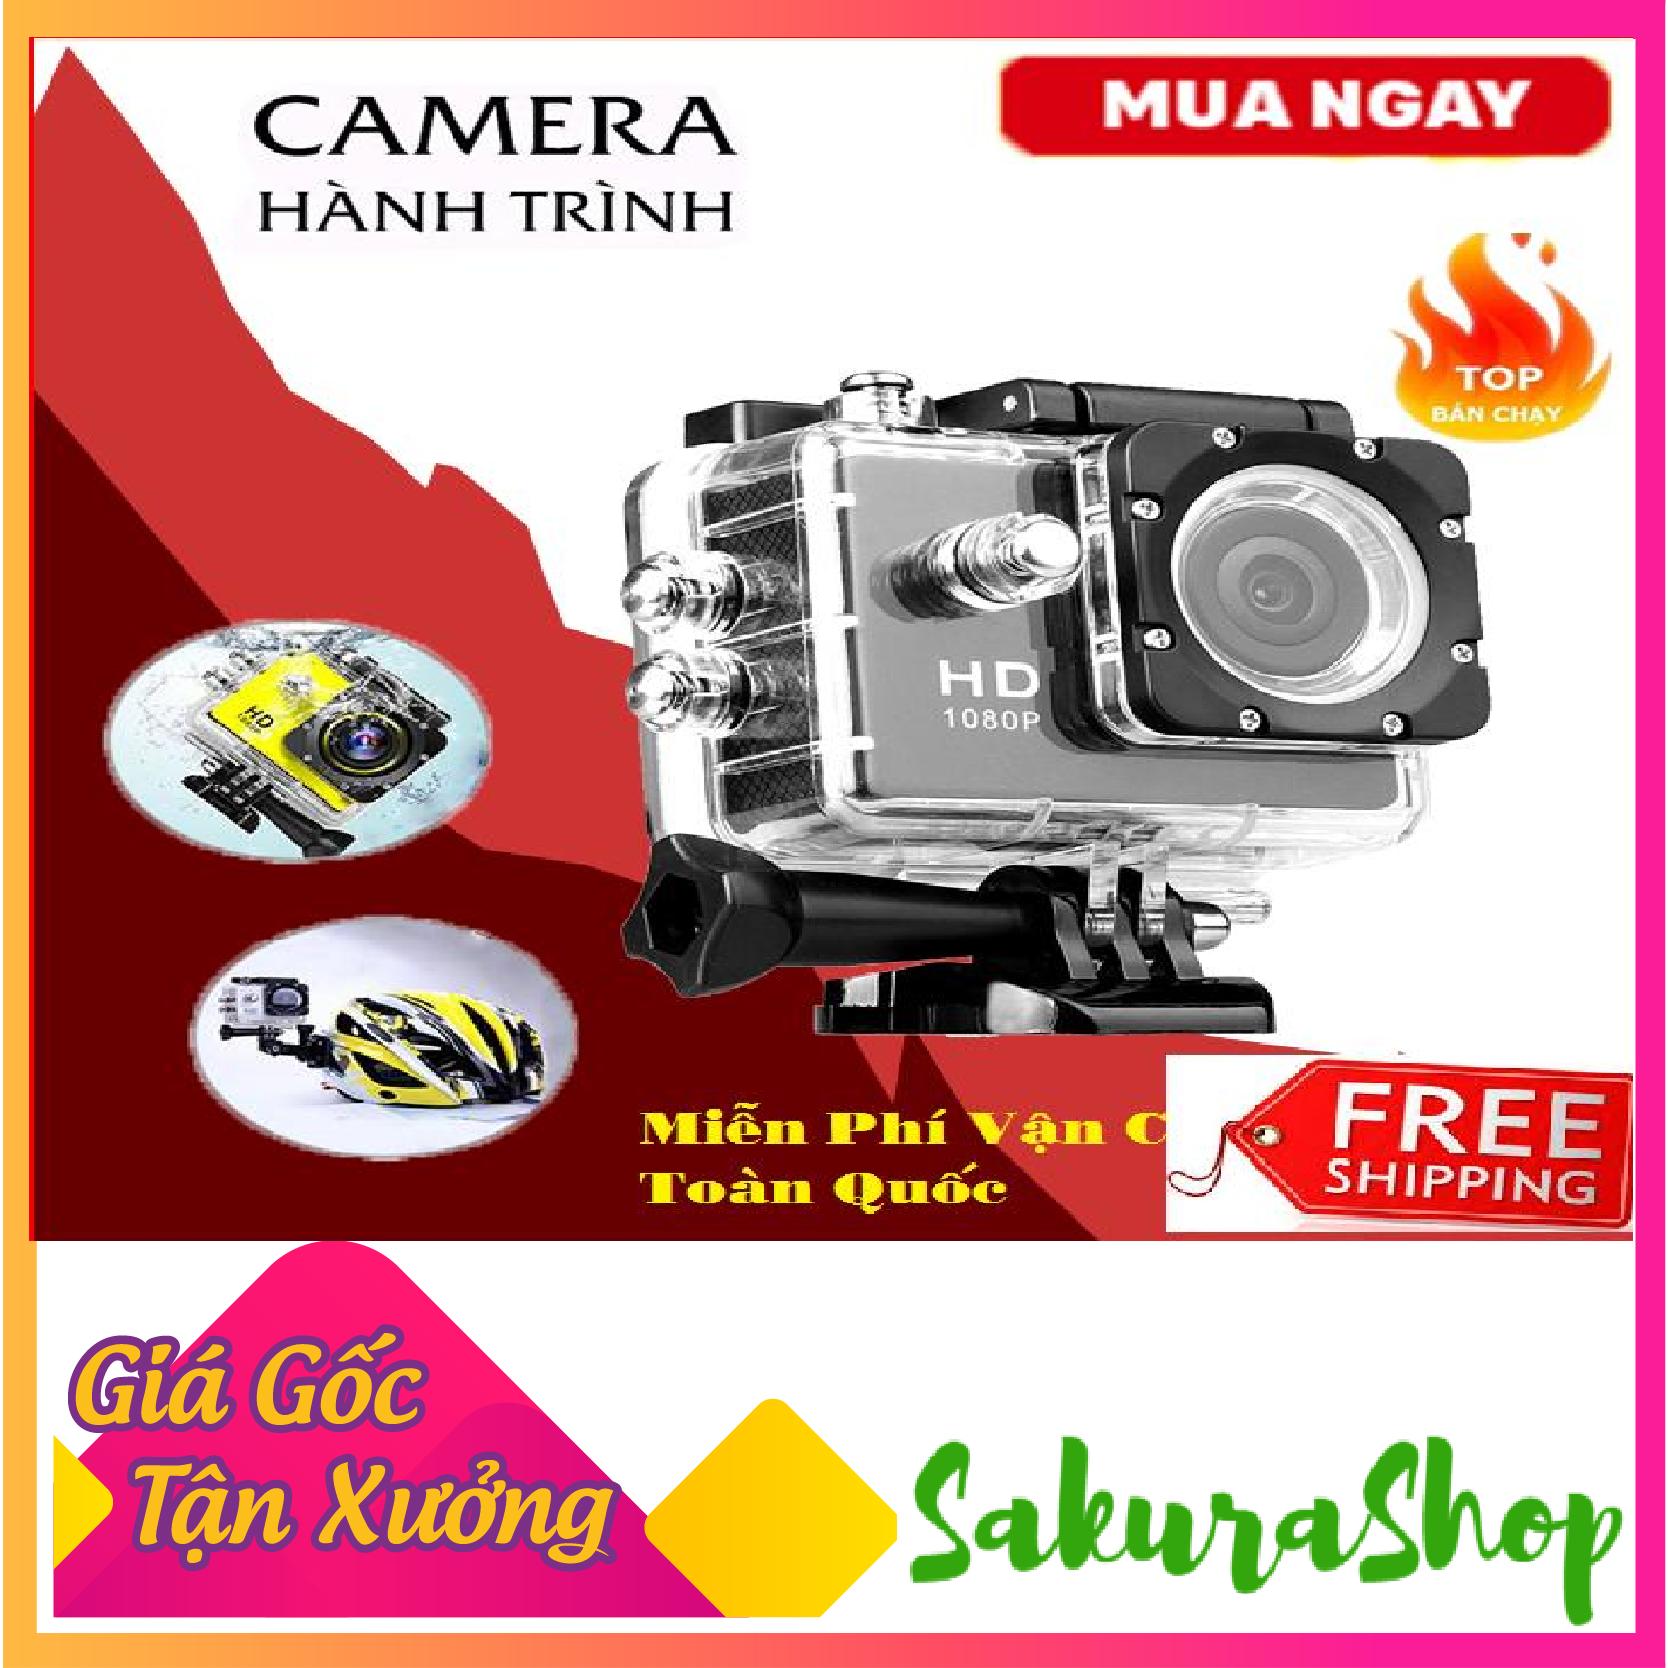 Camera hành trình 2.0 FULL HD 1080P Cam A9 - Camera hành trình mini chống  nước chống rung - camera hành trình xe máy phượt,Camera hành trình dành cho xe  máy giá